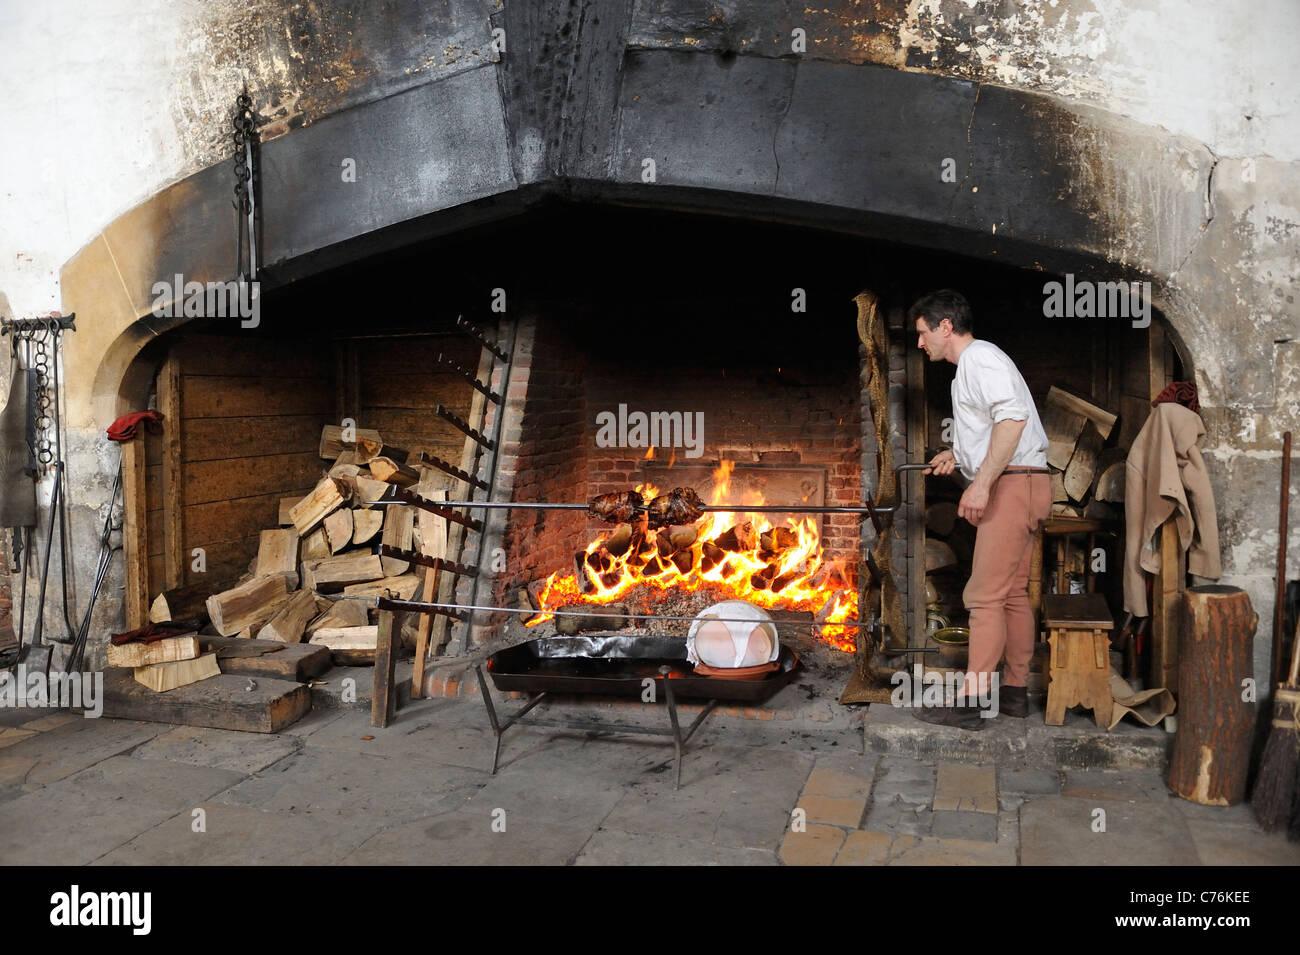 Tudor Kitchen Stock Photos & Tudor Kitchen Stock Images - Alamy